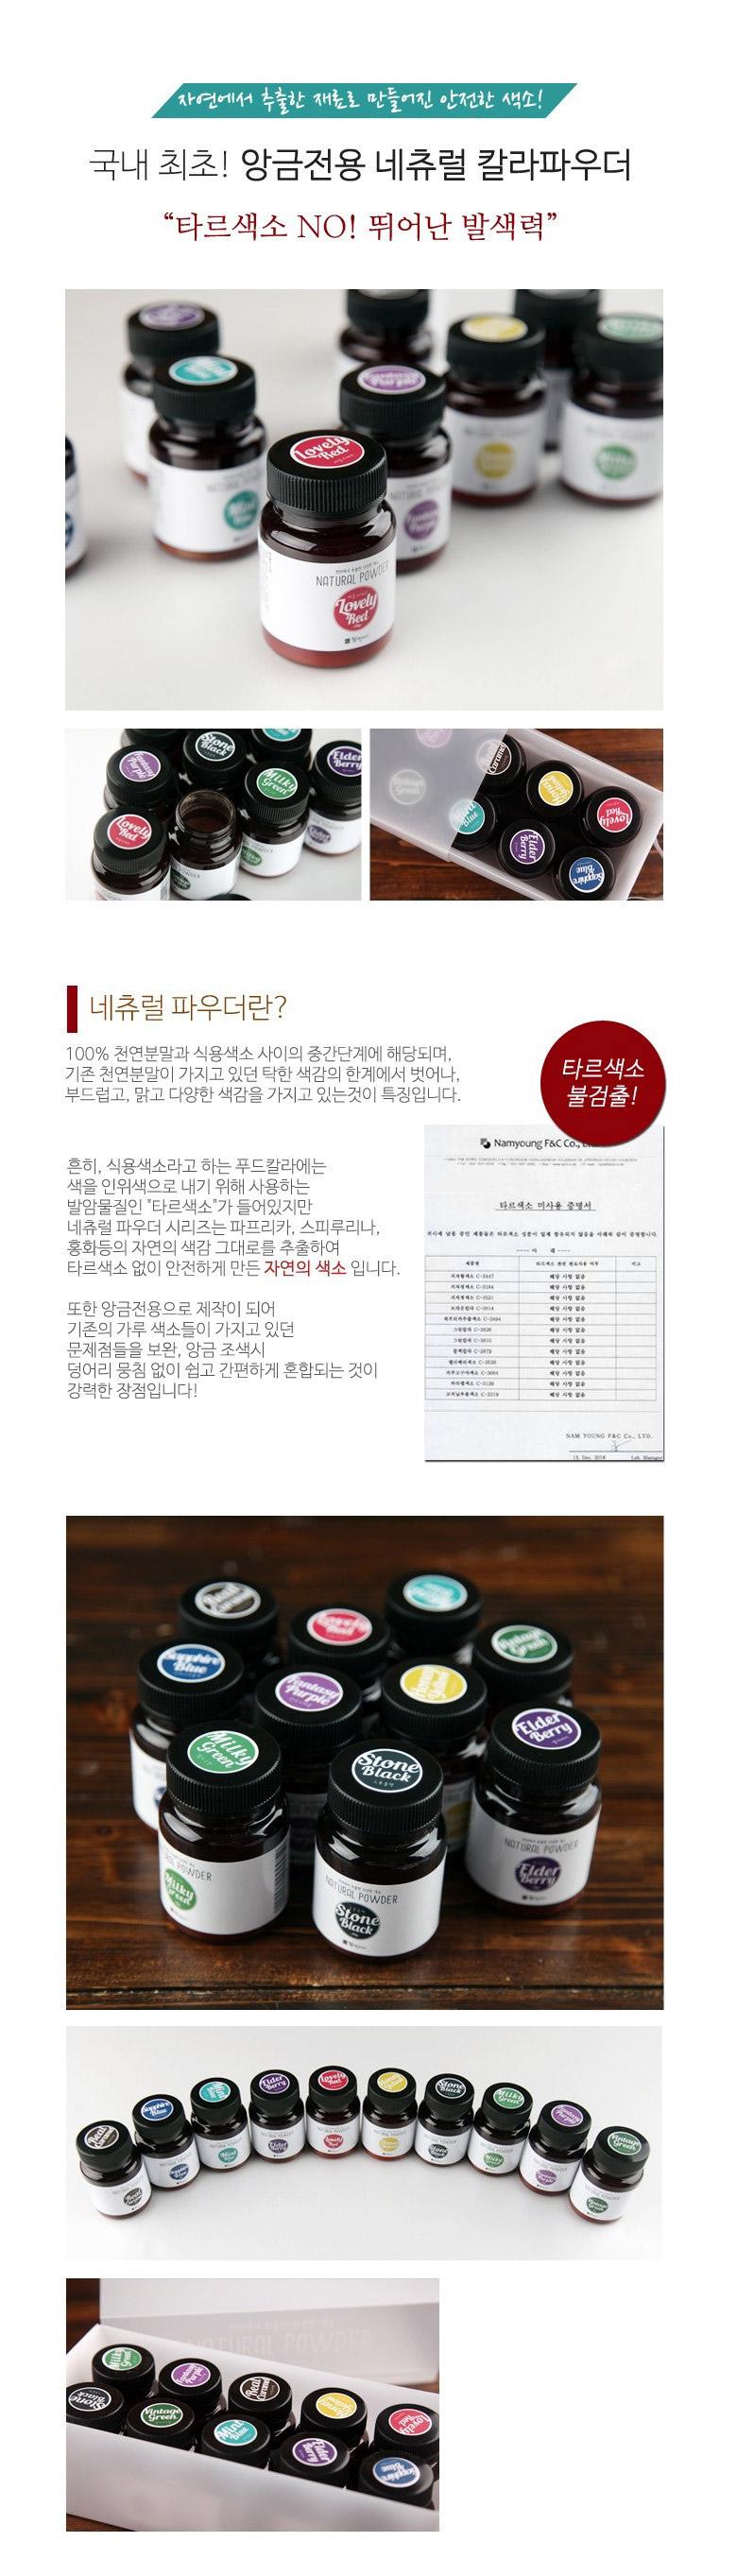 앙금전용색소-네츄럴칼라파우더 - 이홈베이킹, 5,500원, DIY세트, 초콜릿 만들기